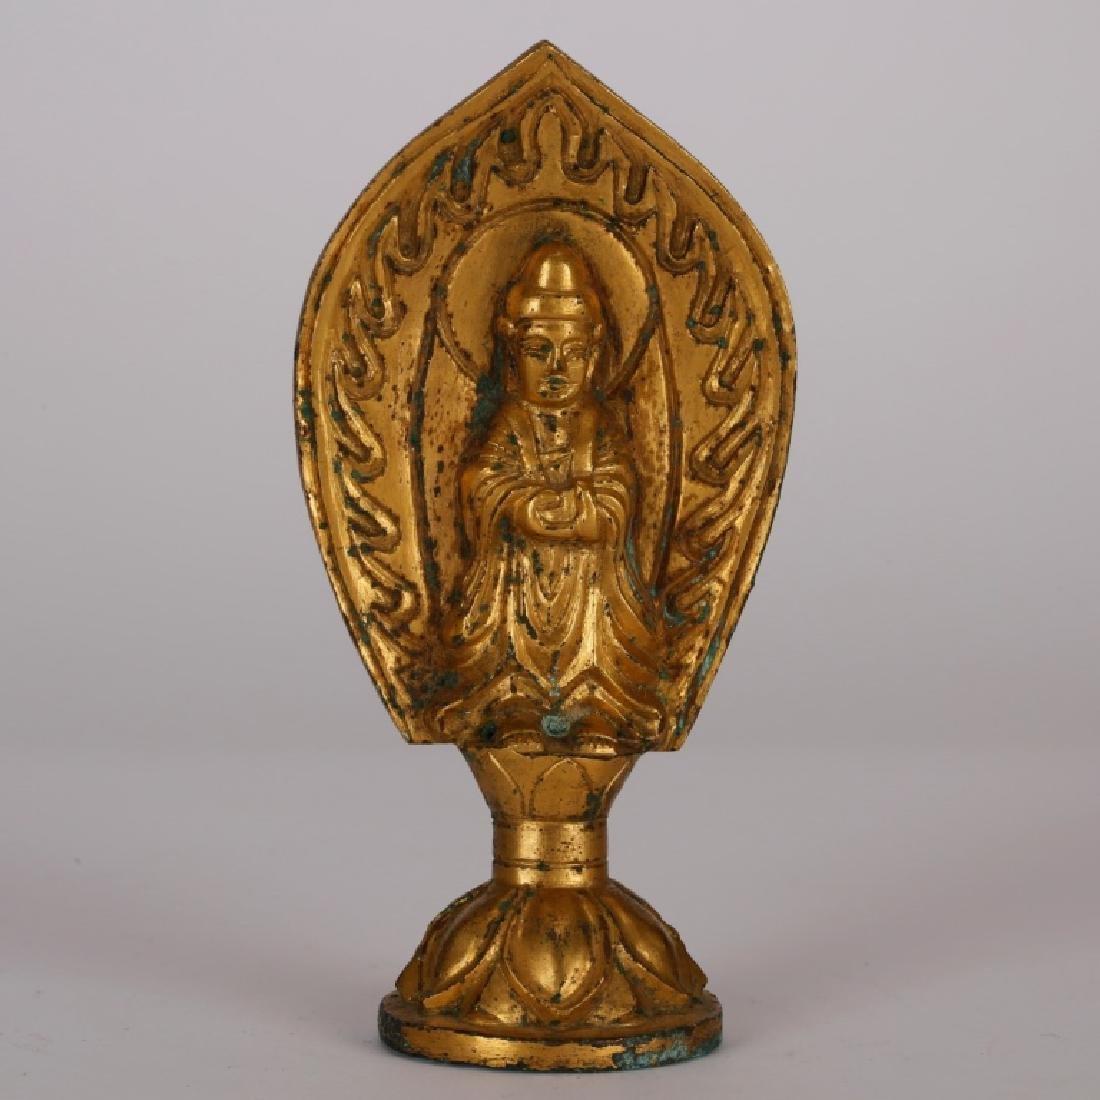 Chinese Small Gilt Bronze Buddha on Stem Base